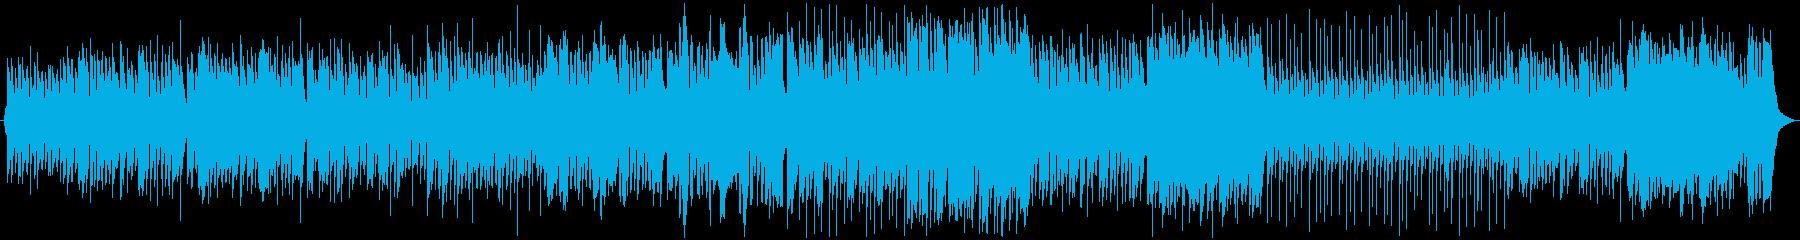 【YouTube】シンプルでかわいい日常の再生済みの波形